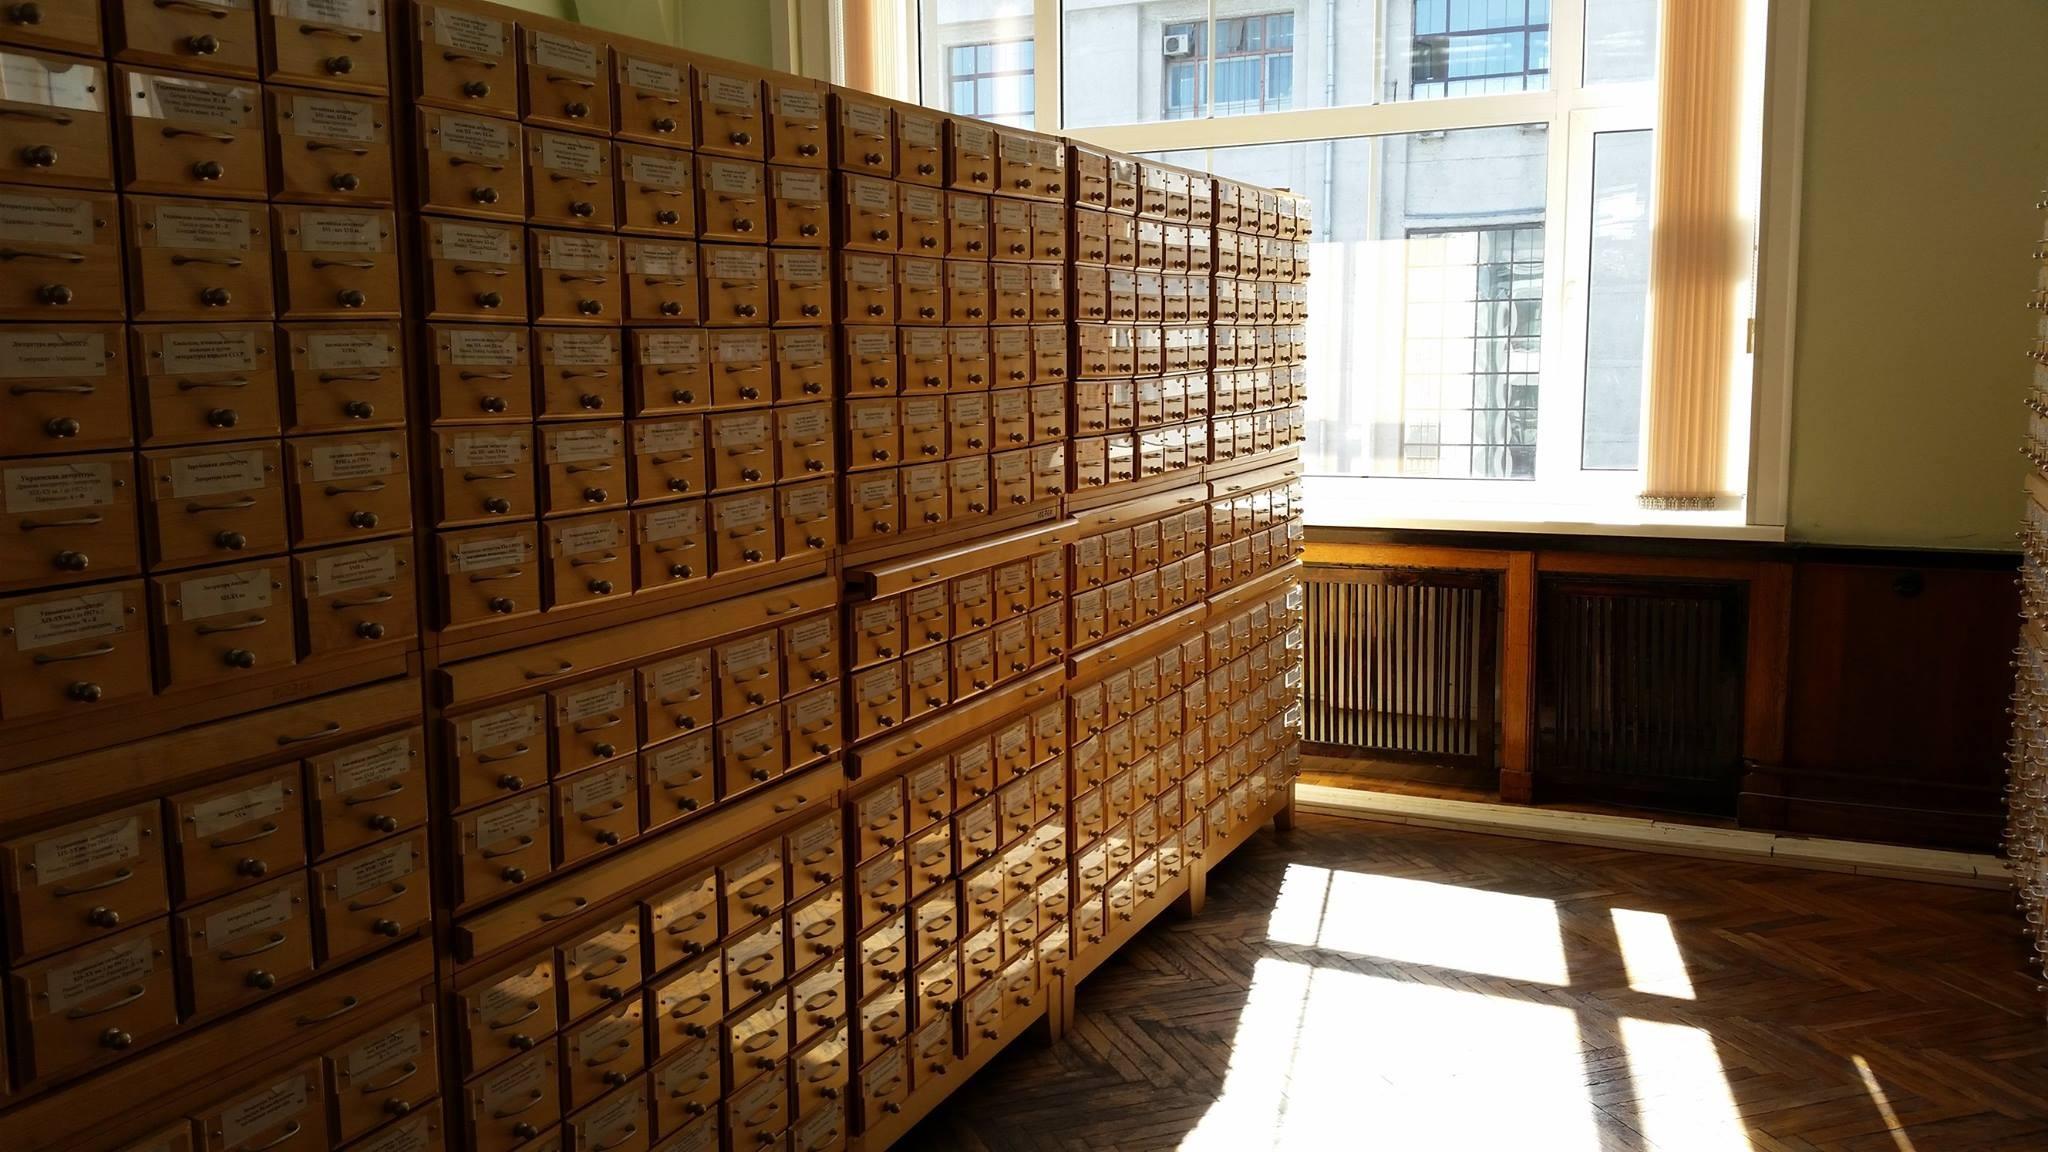 Карточные каталоги РГБ РГБ От карточных записей в читательском каталоге библиотека полностью откажется в течение ближайших двух лет одновременно с завершением работ по пополнению